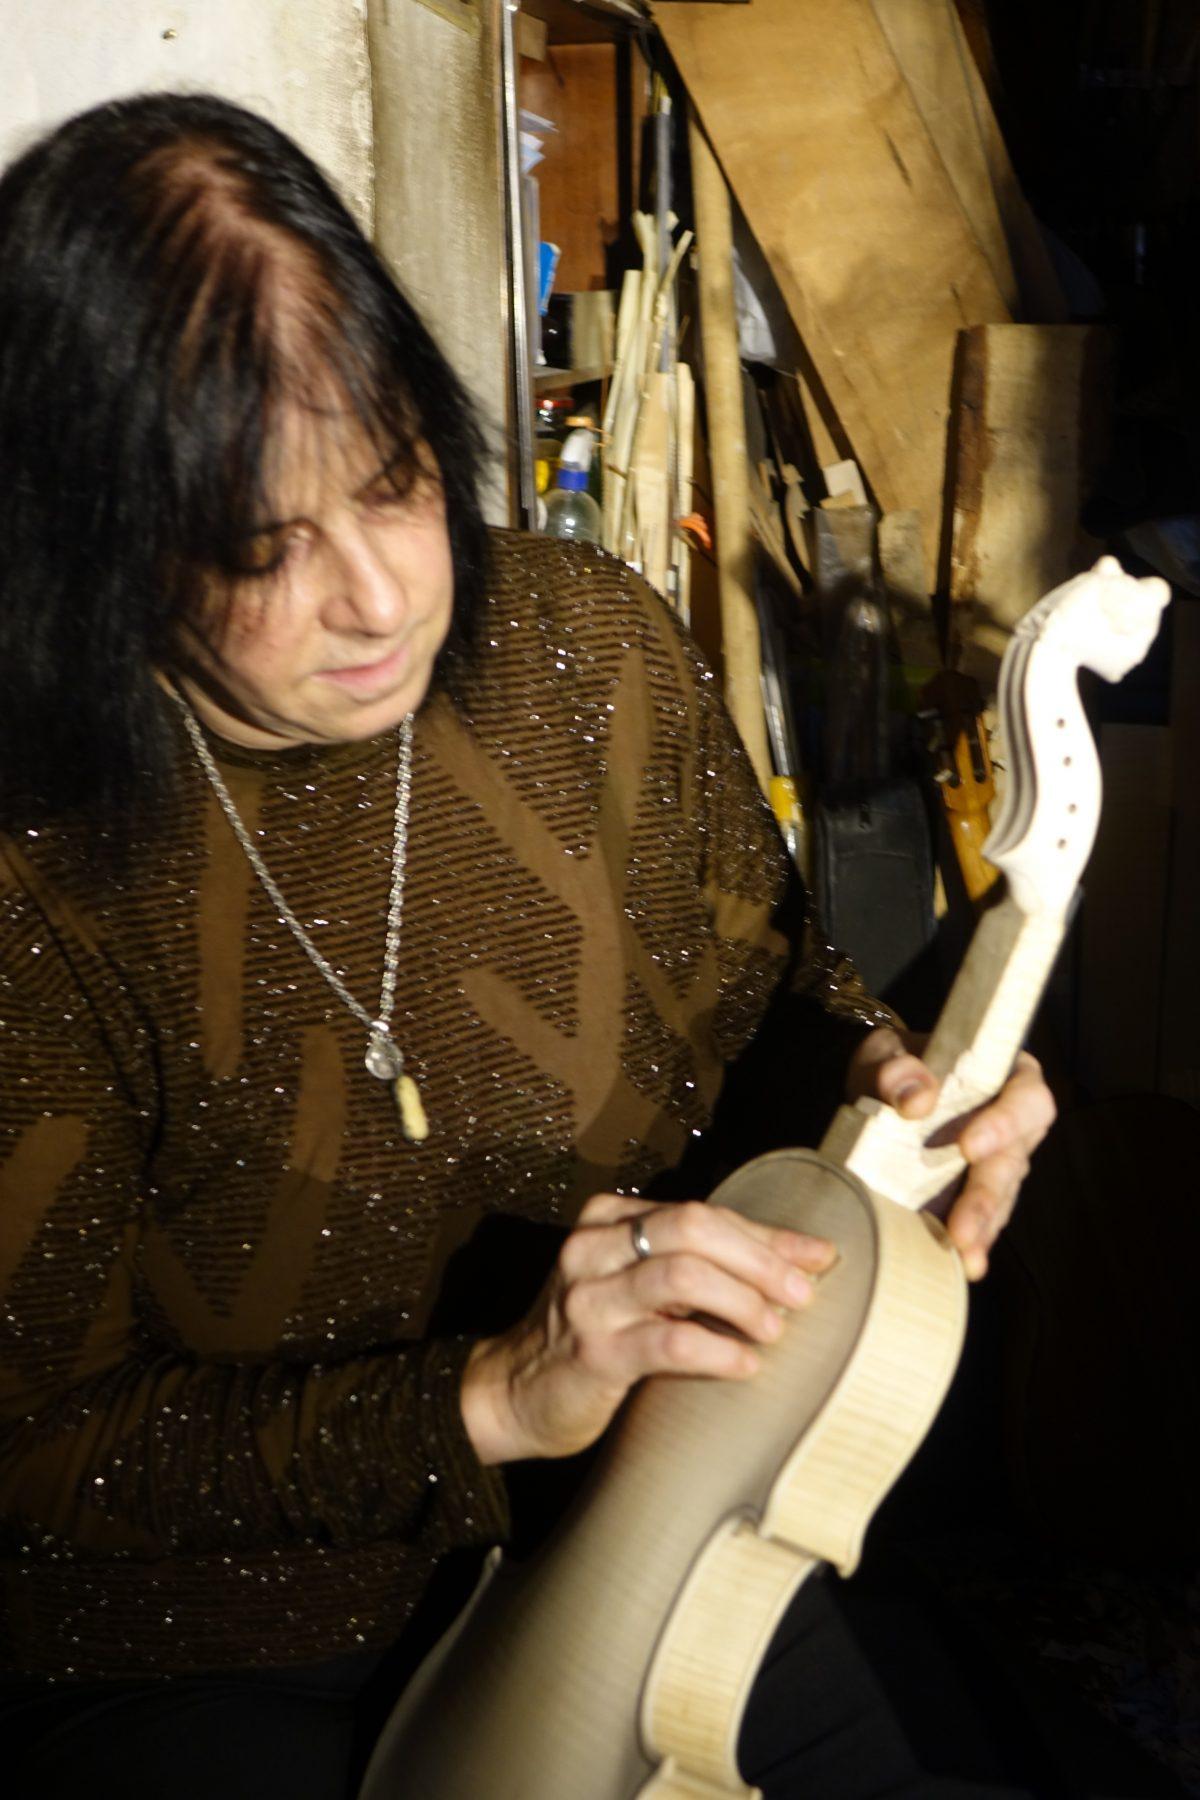 Violin maker sanding handmade violin